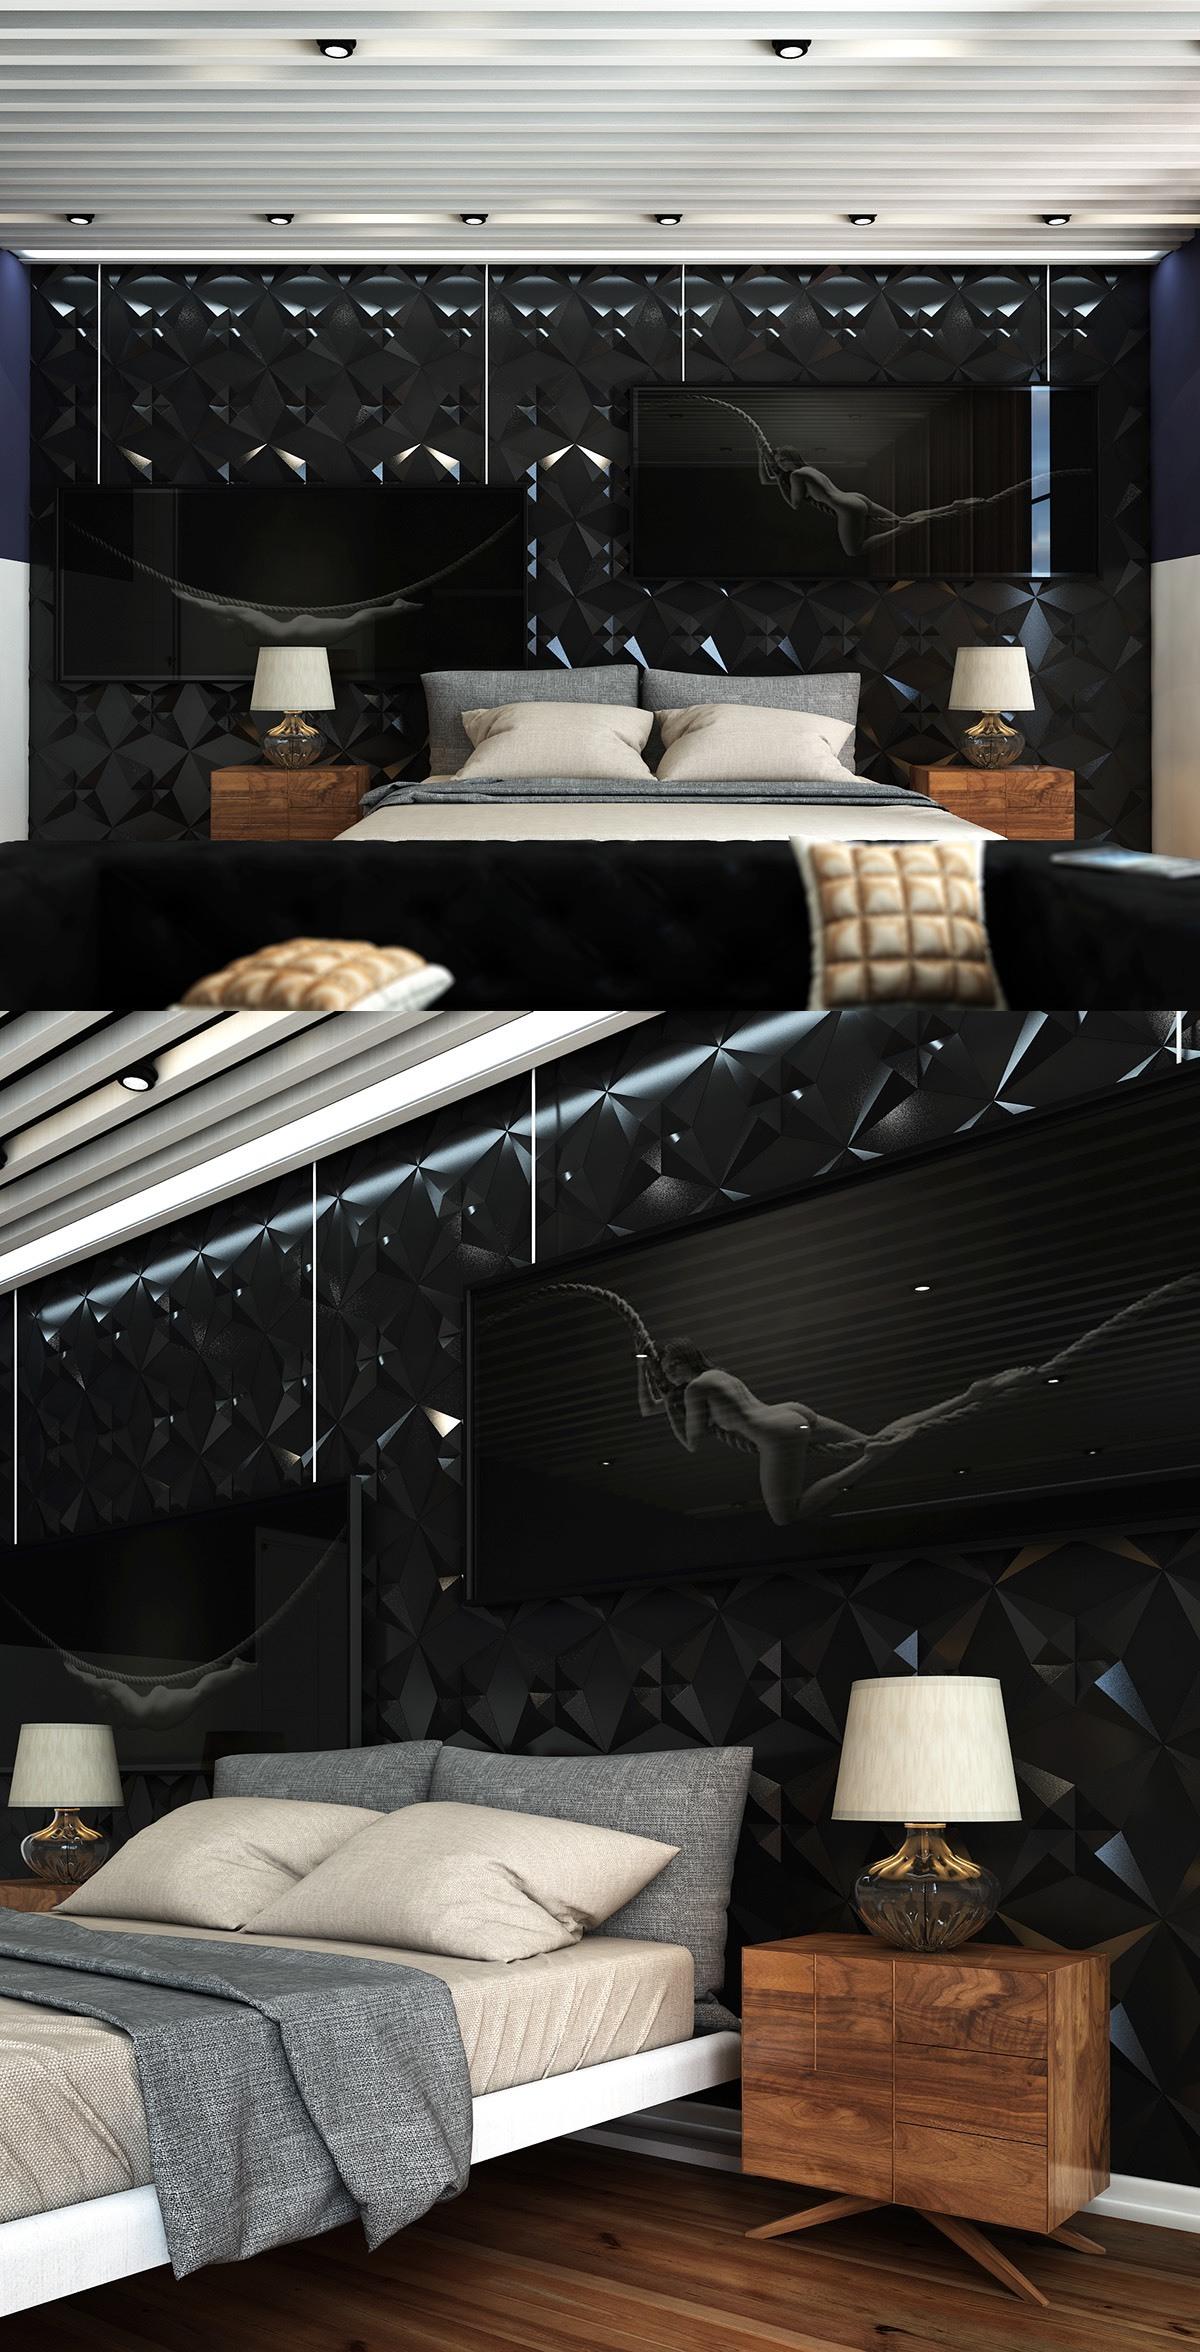 Deko Ideen Schlafzimmer für Männer in Schwarz